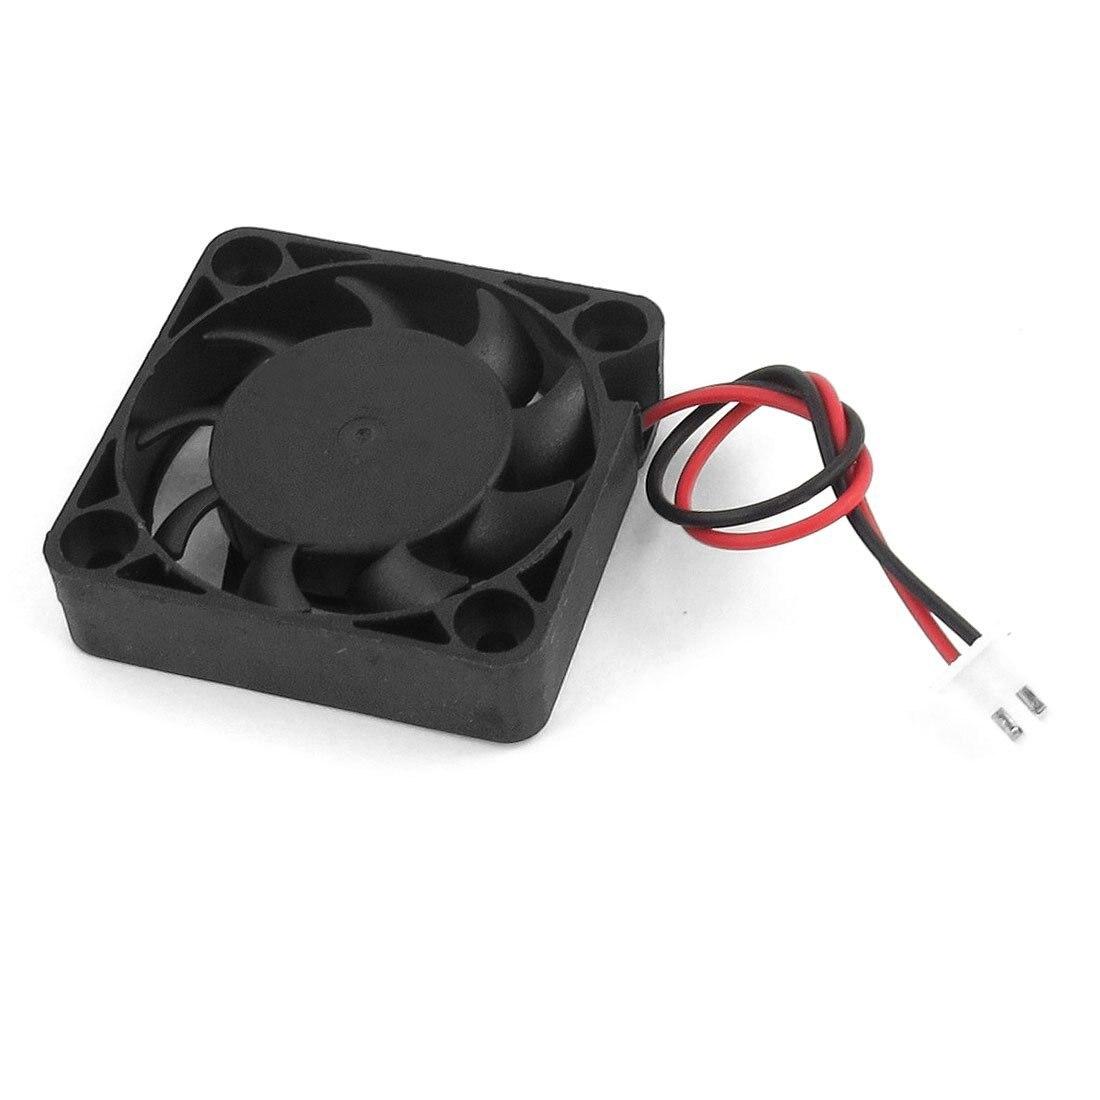 ¡Promoción! Caliente 40mm x 40mm x 10mm DC 12V 0.1A 2 pines PC funda CPU ventilador de refrigeración